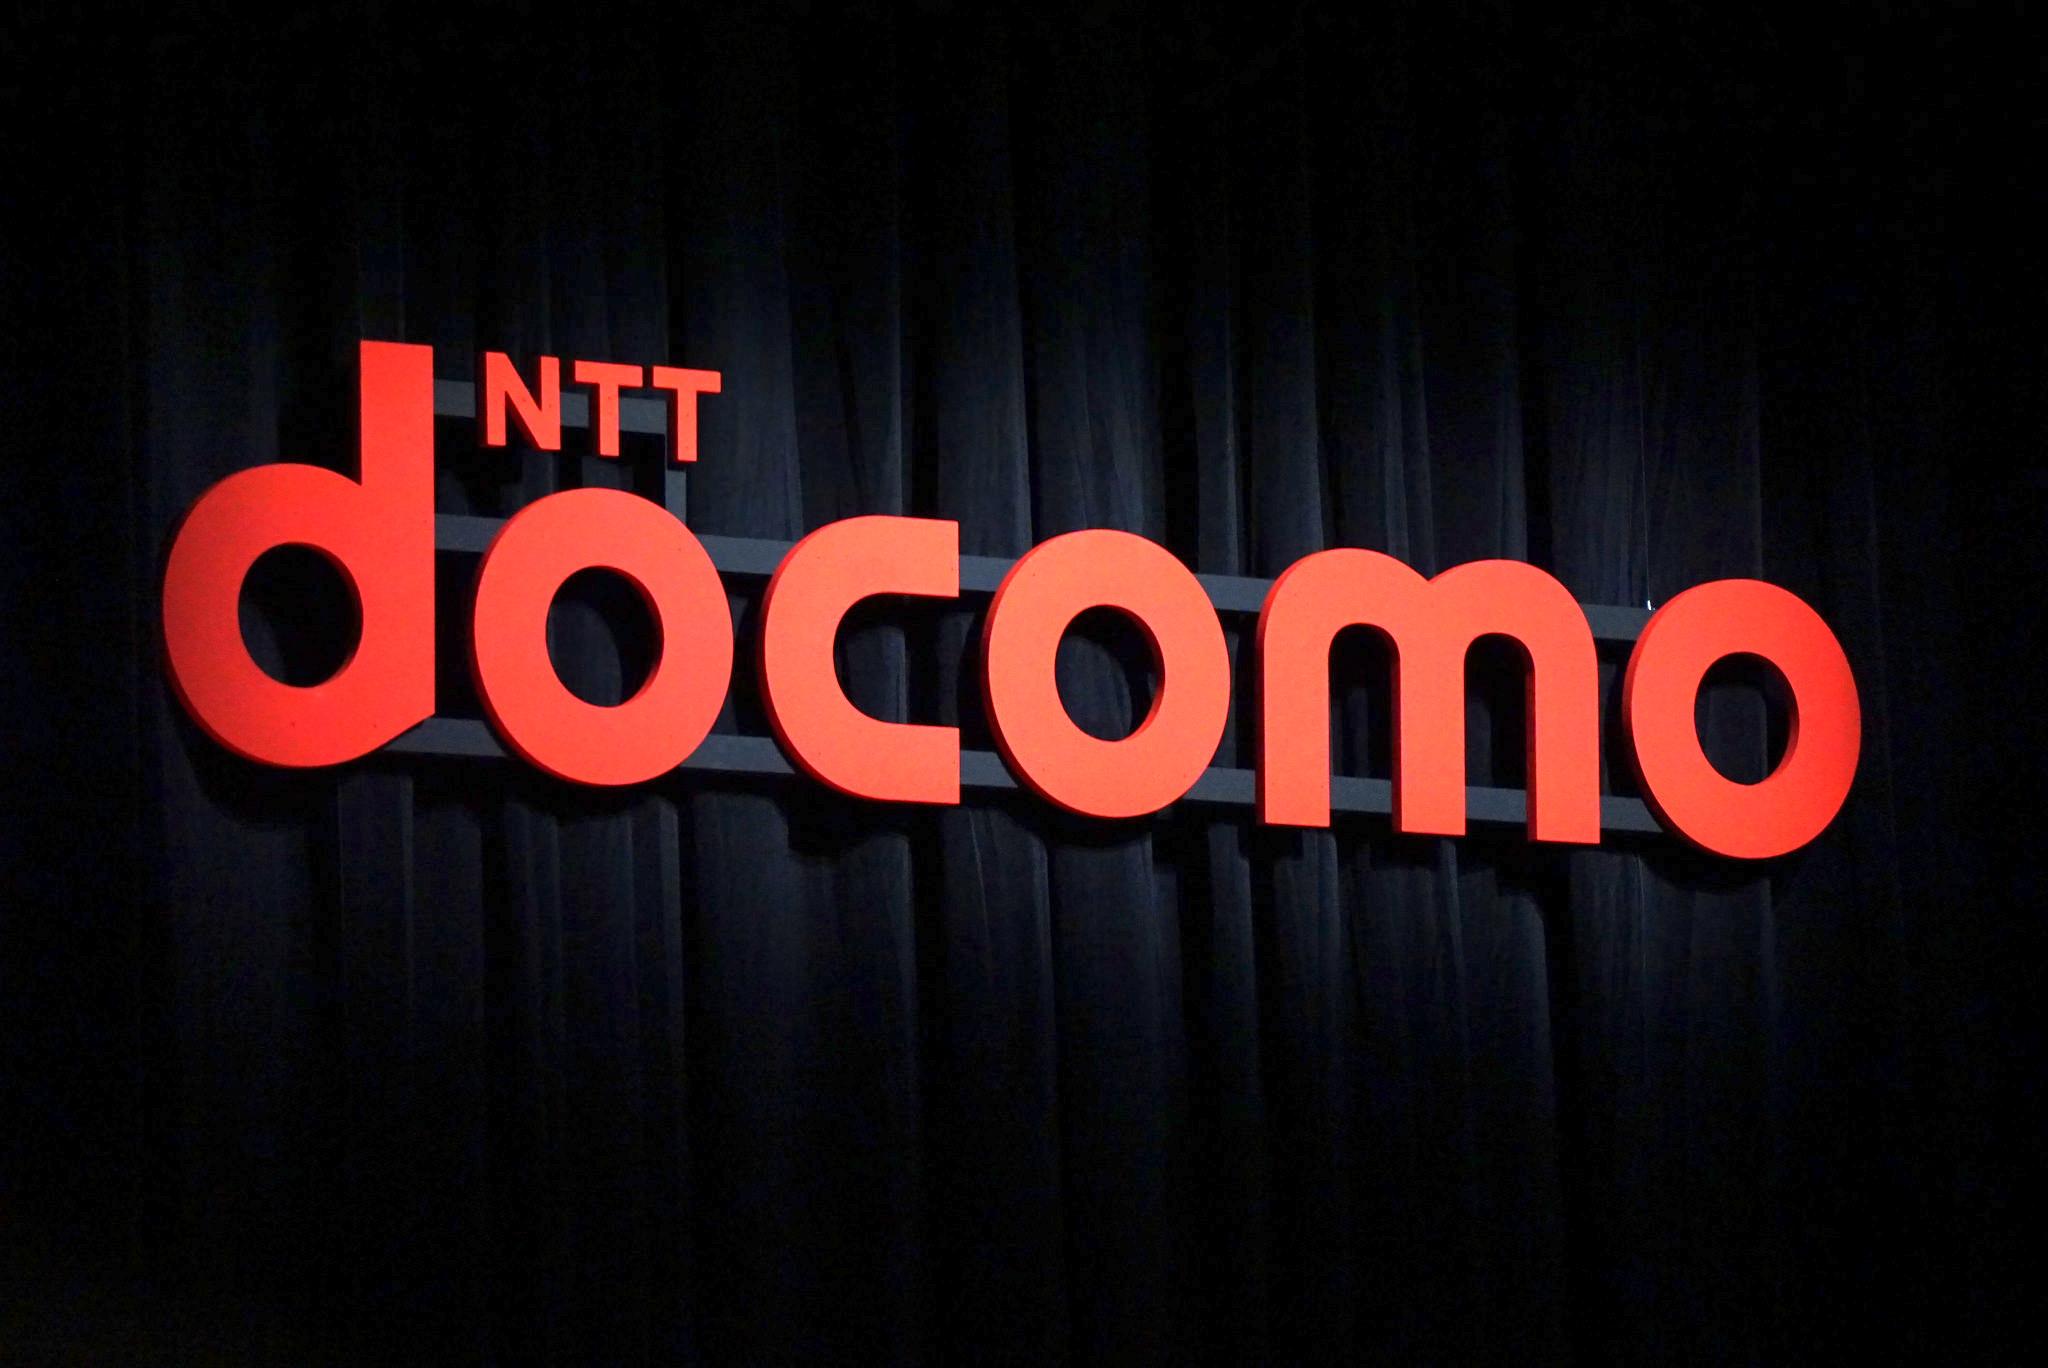 ドコモ、NTTコムを子会社化。21年夏めど